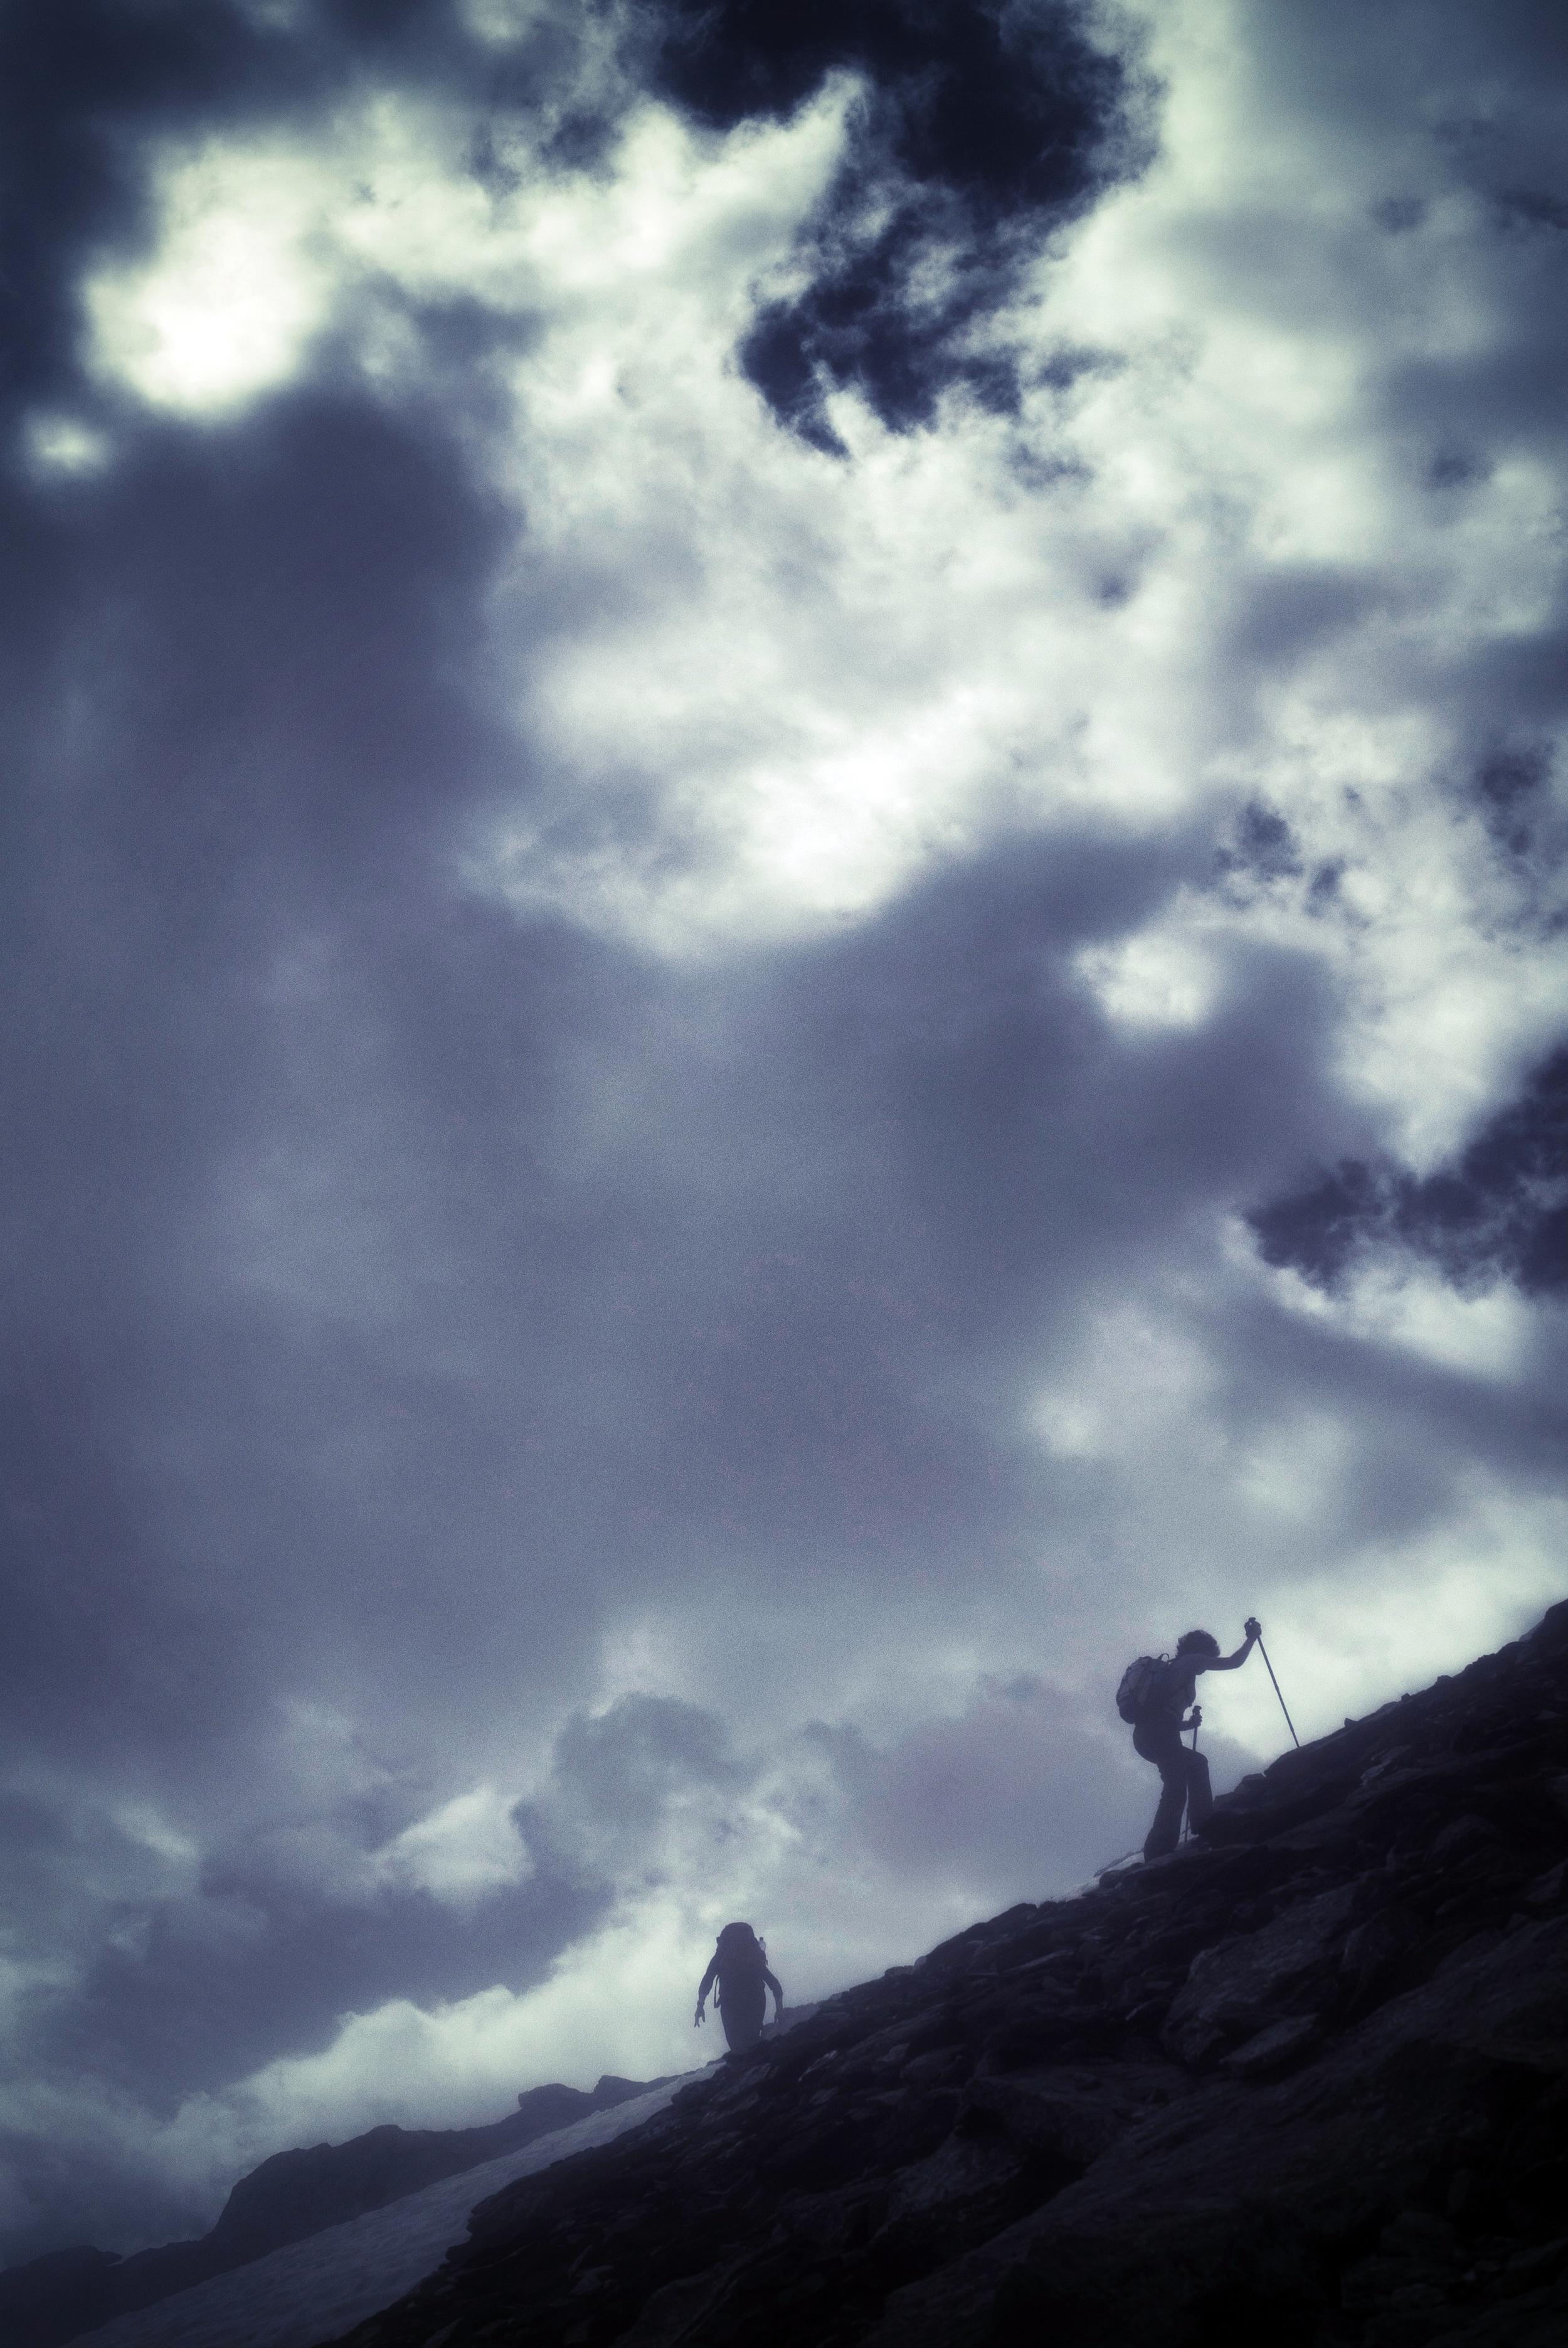 DSC06573_Snapseed.jpg